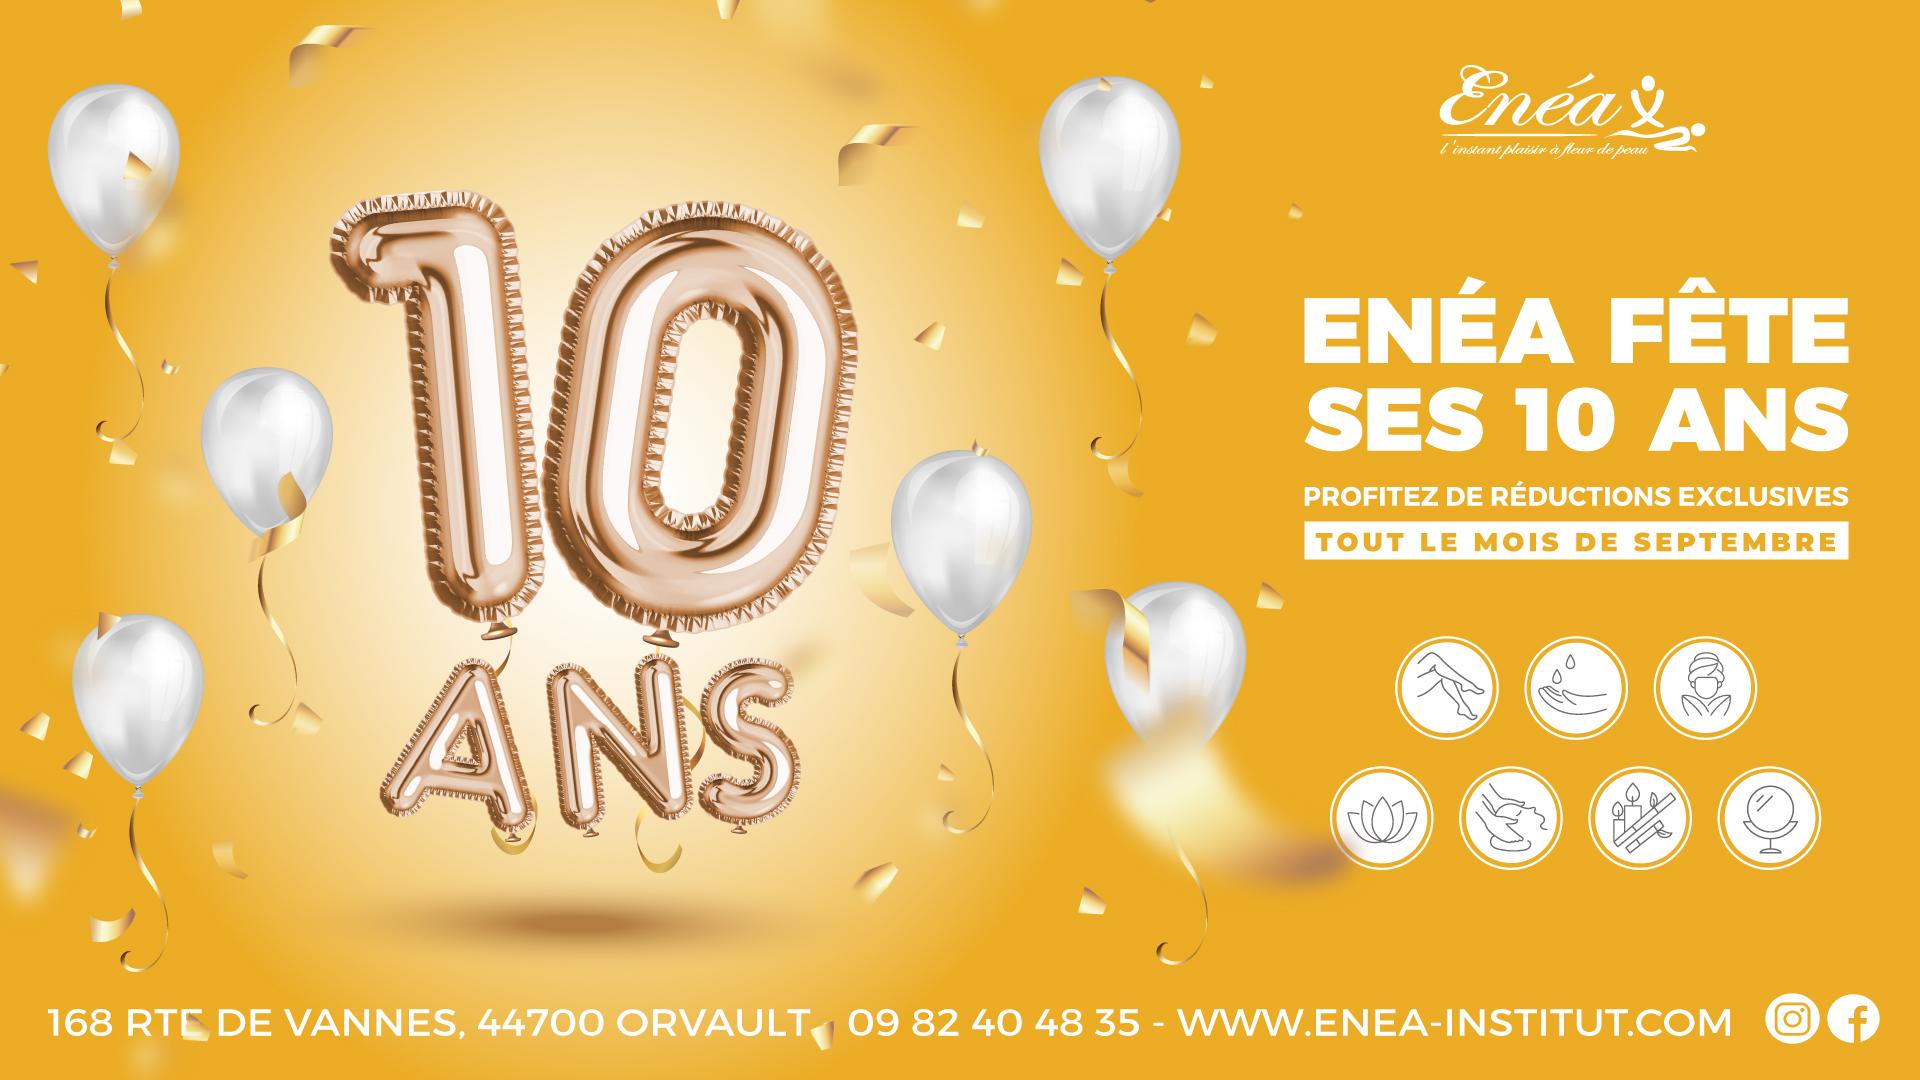 10-ANS-10920x1080